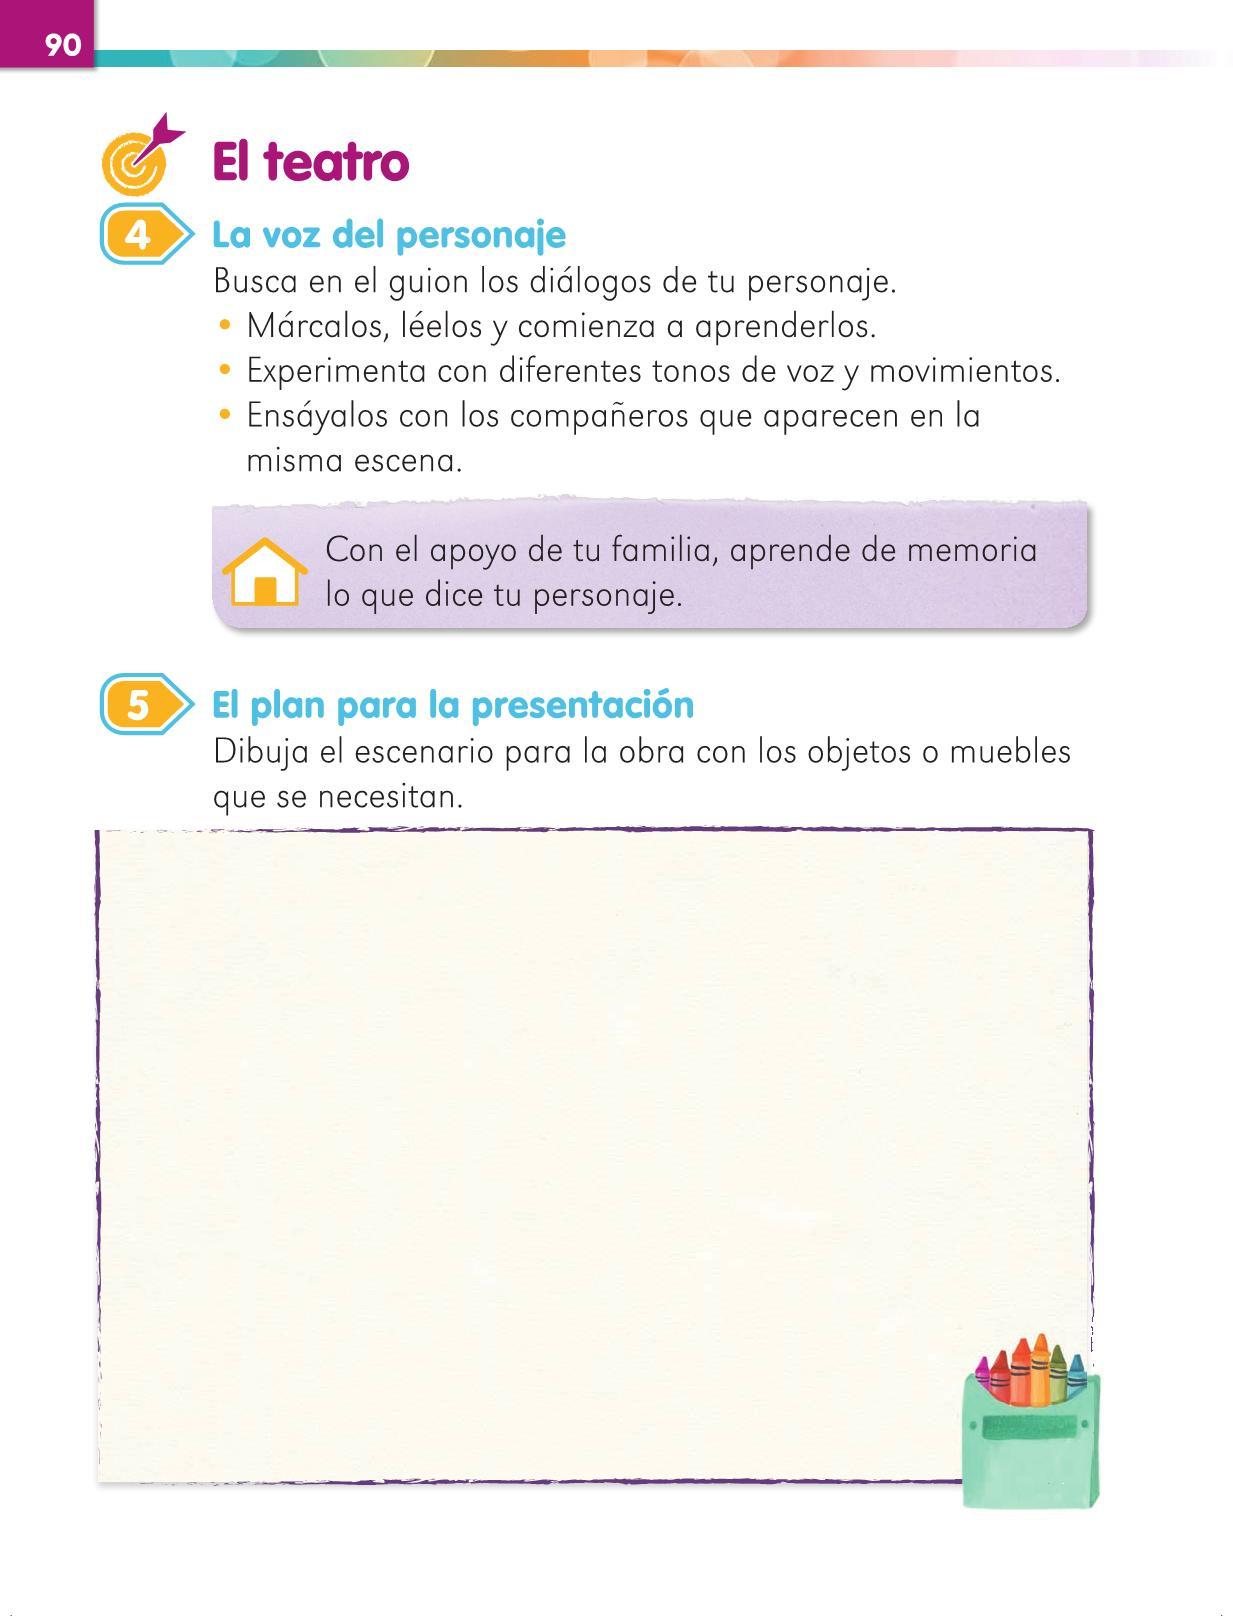 Lengua Materna Español Primer grado página 90